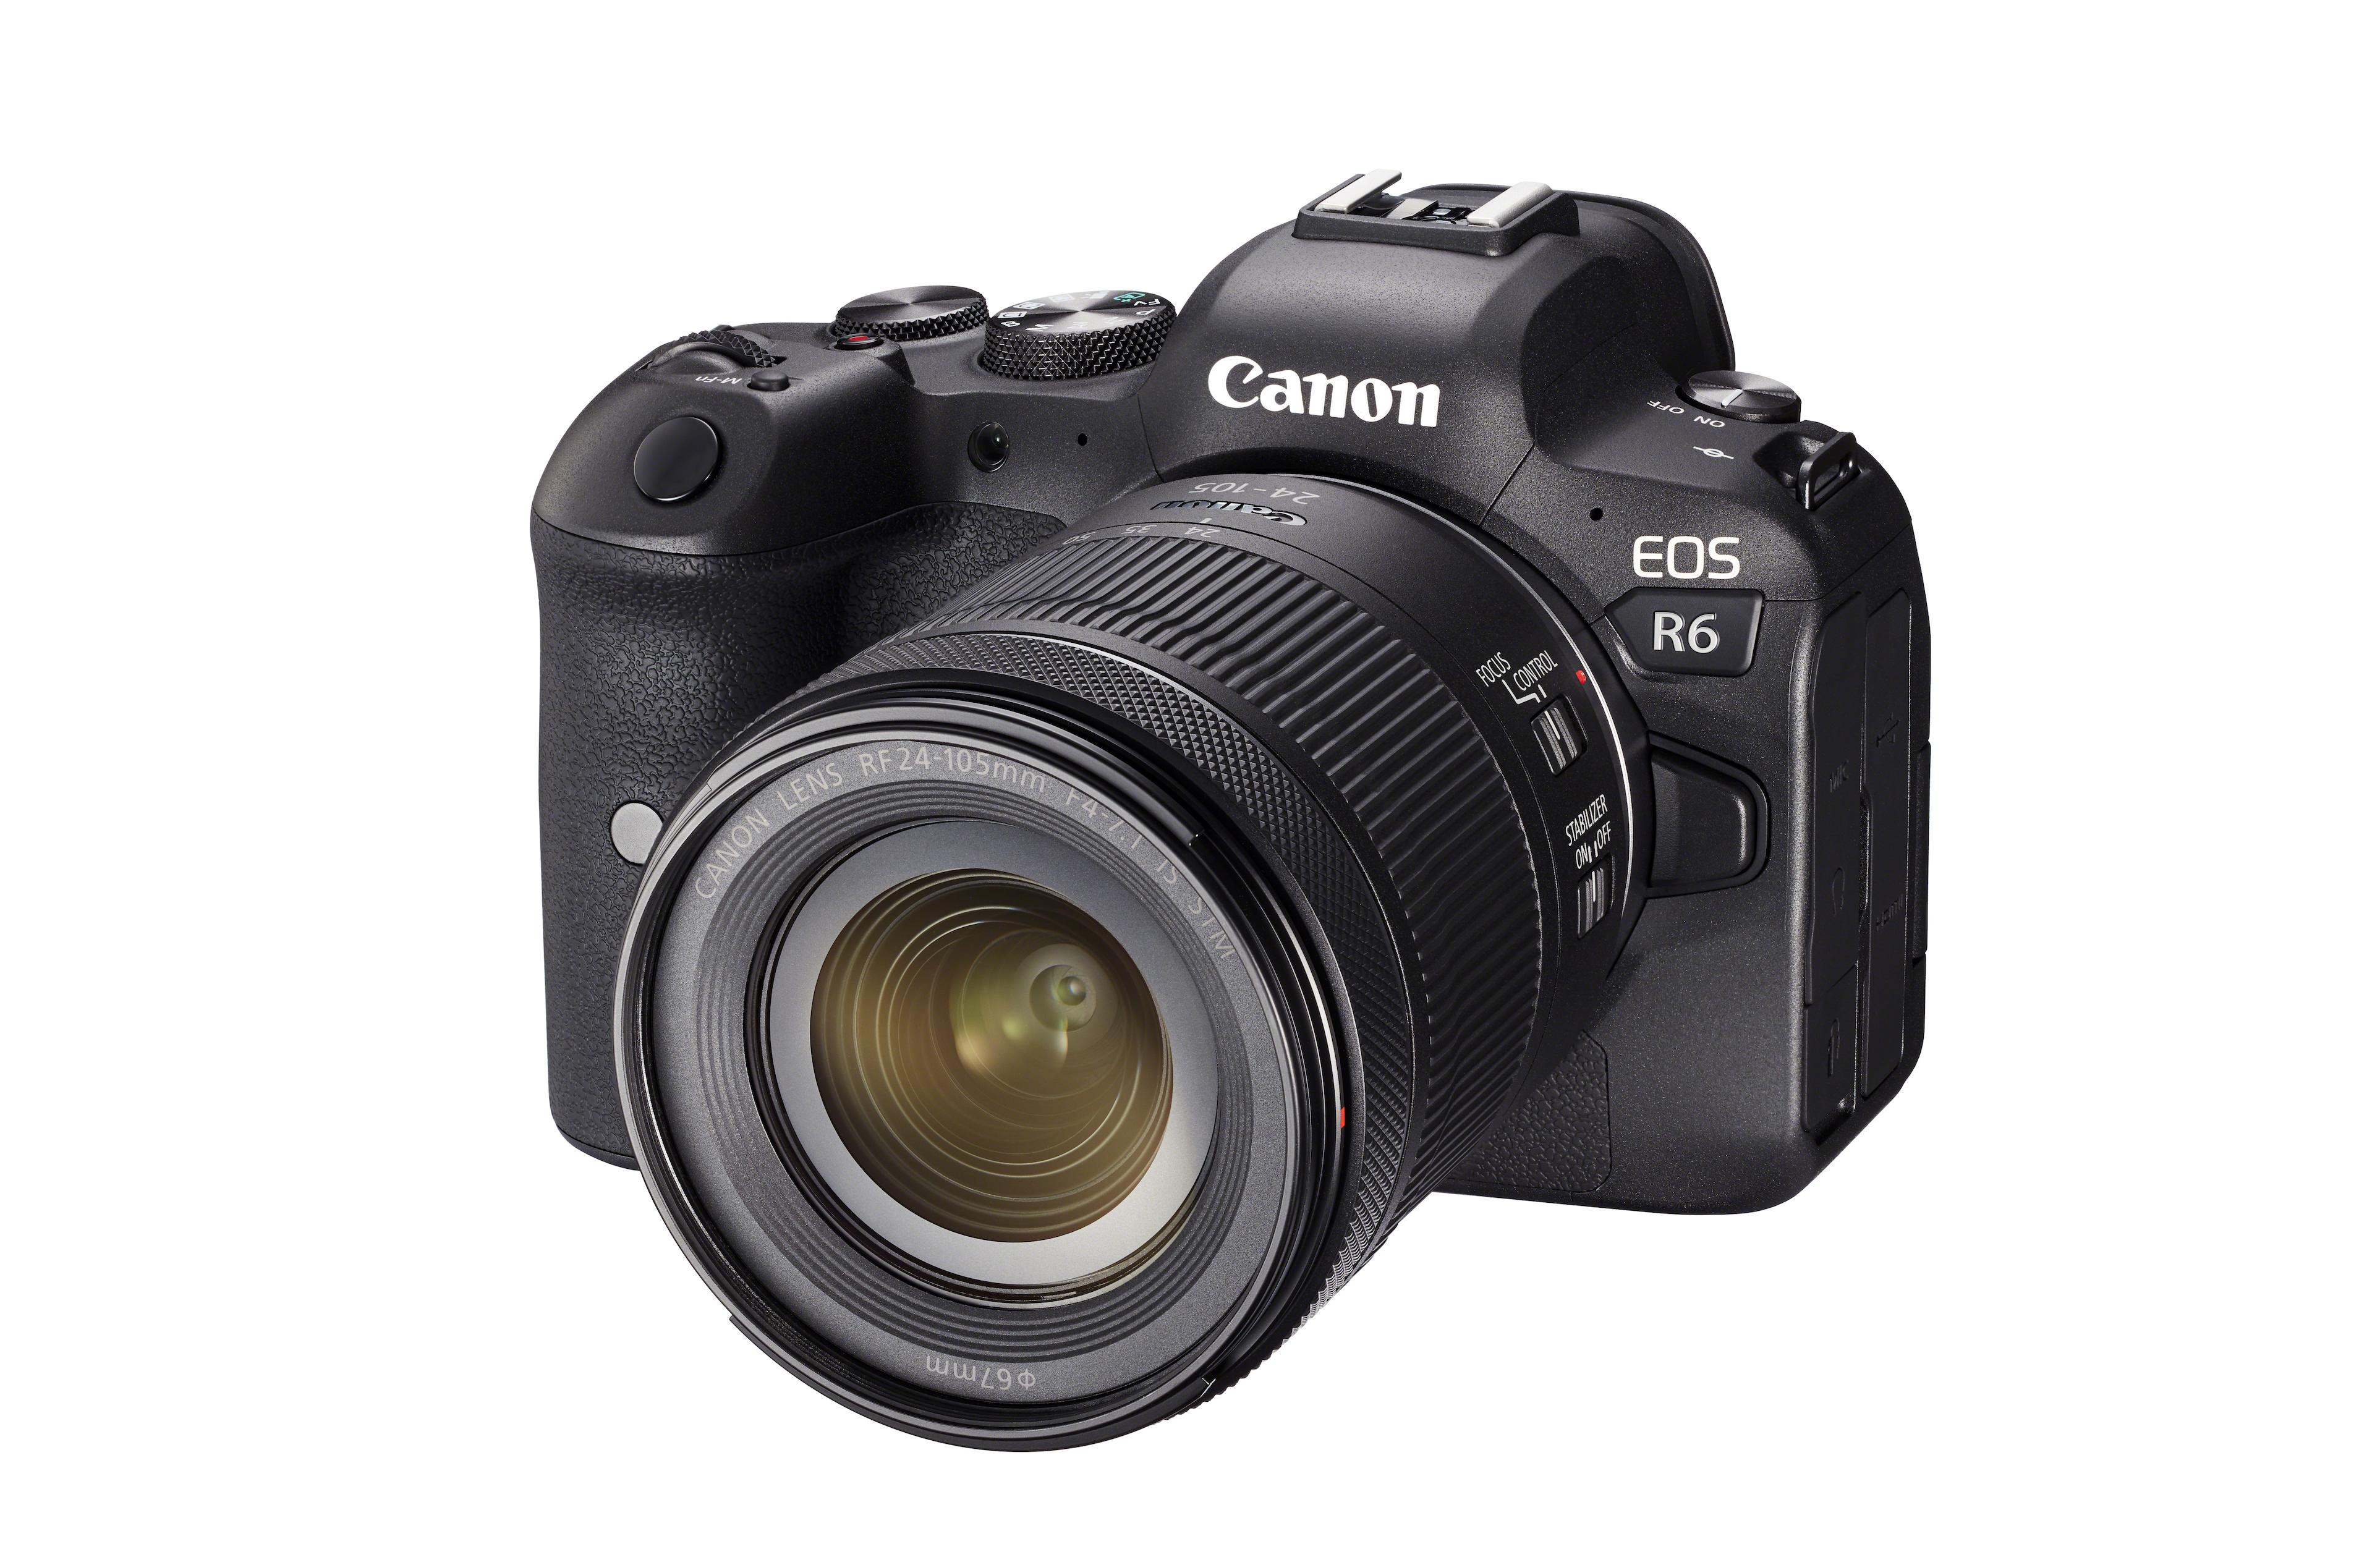 camerastuffreview productshot canon eos r6